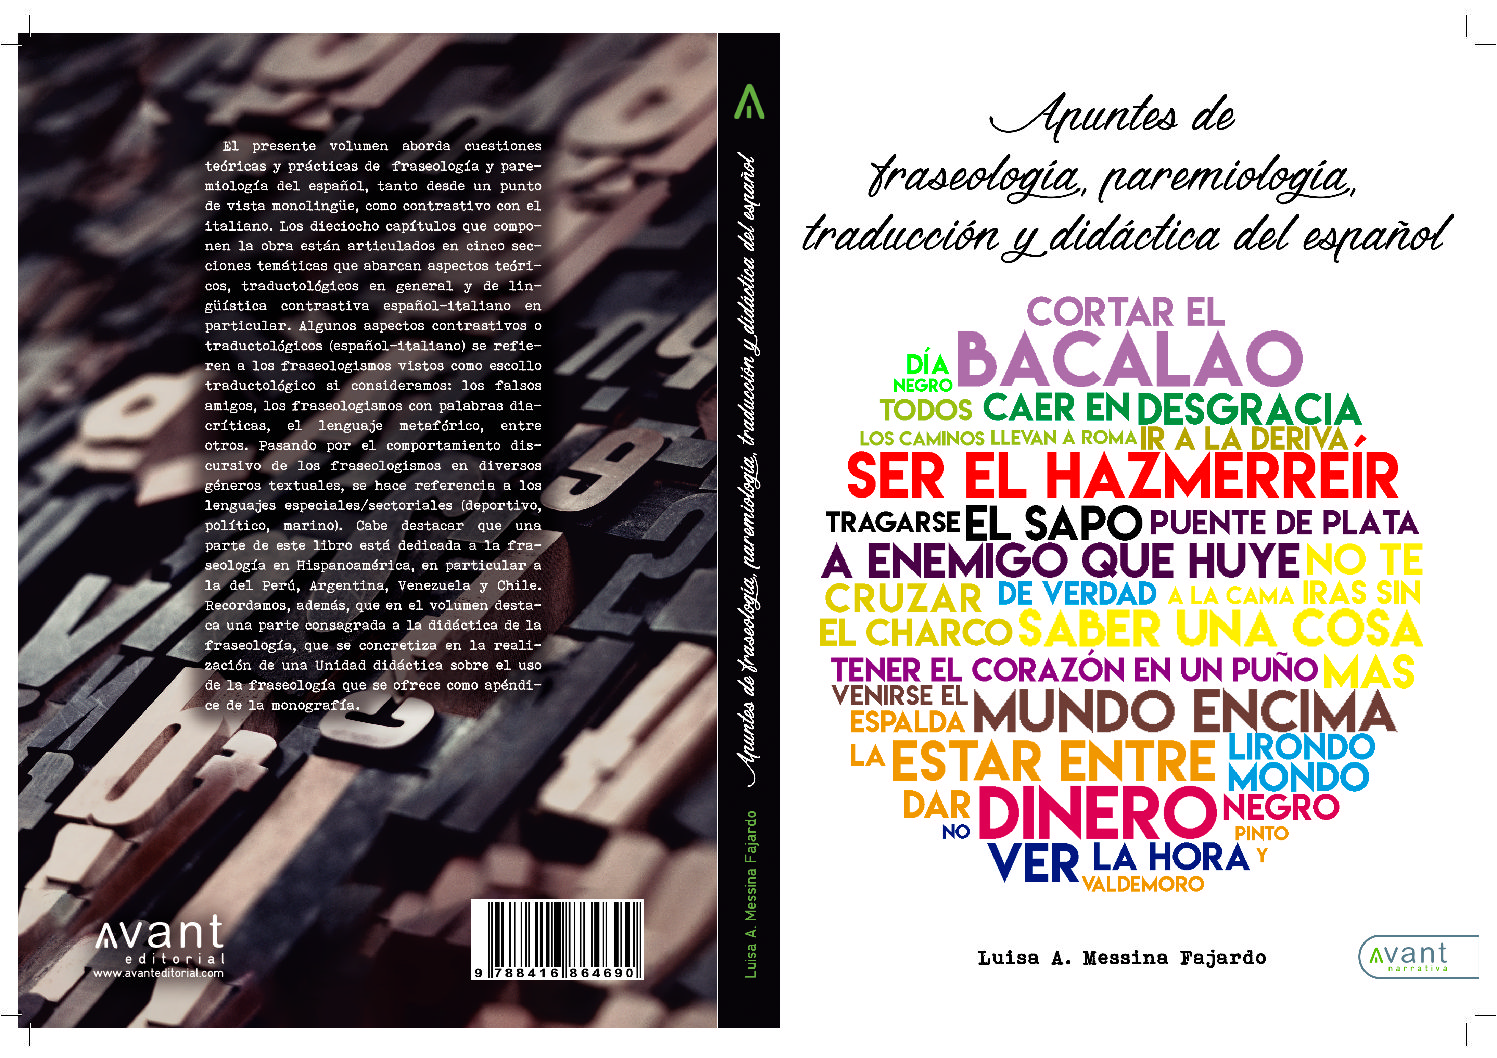 Apuntes de fraseología, paremiología, traducción y didáctica del español a cura di Luisa A. Messina Fajardo